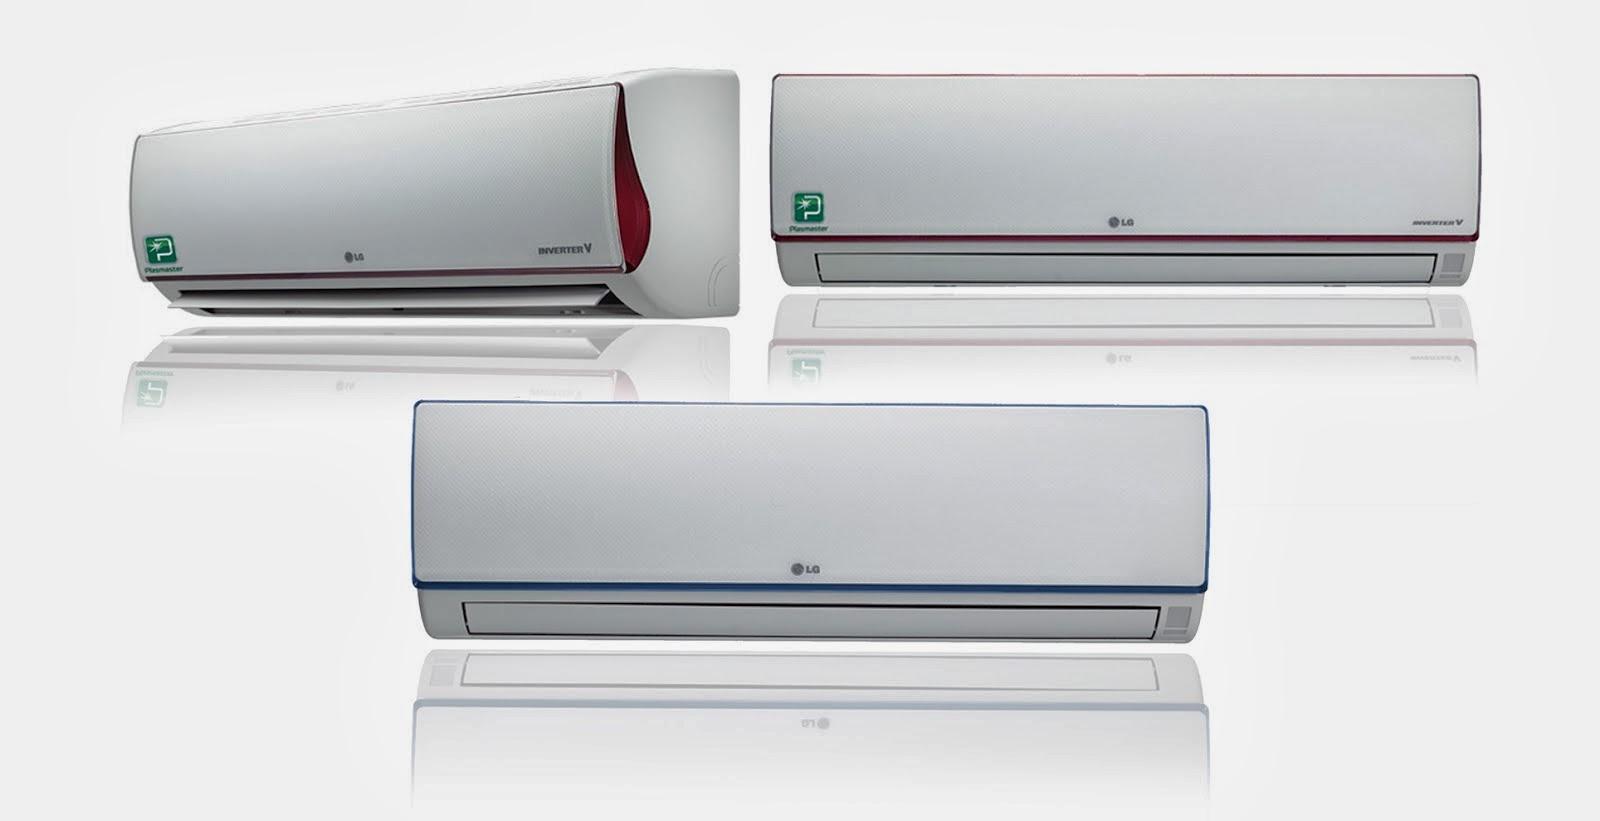 Dinginkan Suhu di Dalam Rumah dengan Pilihan AC LG Smart Inverter dan Dual Cool Ini!